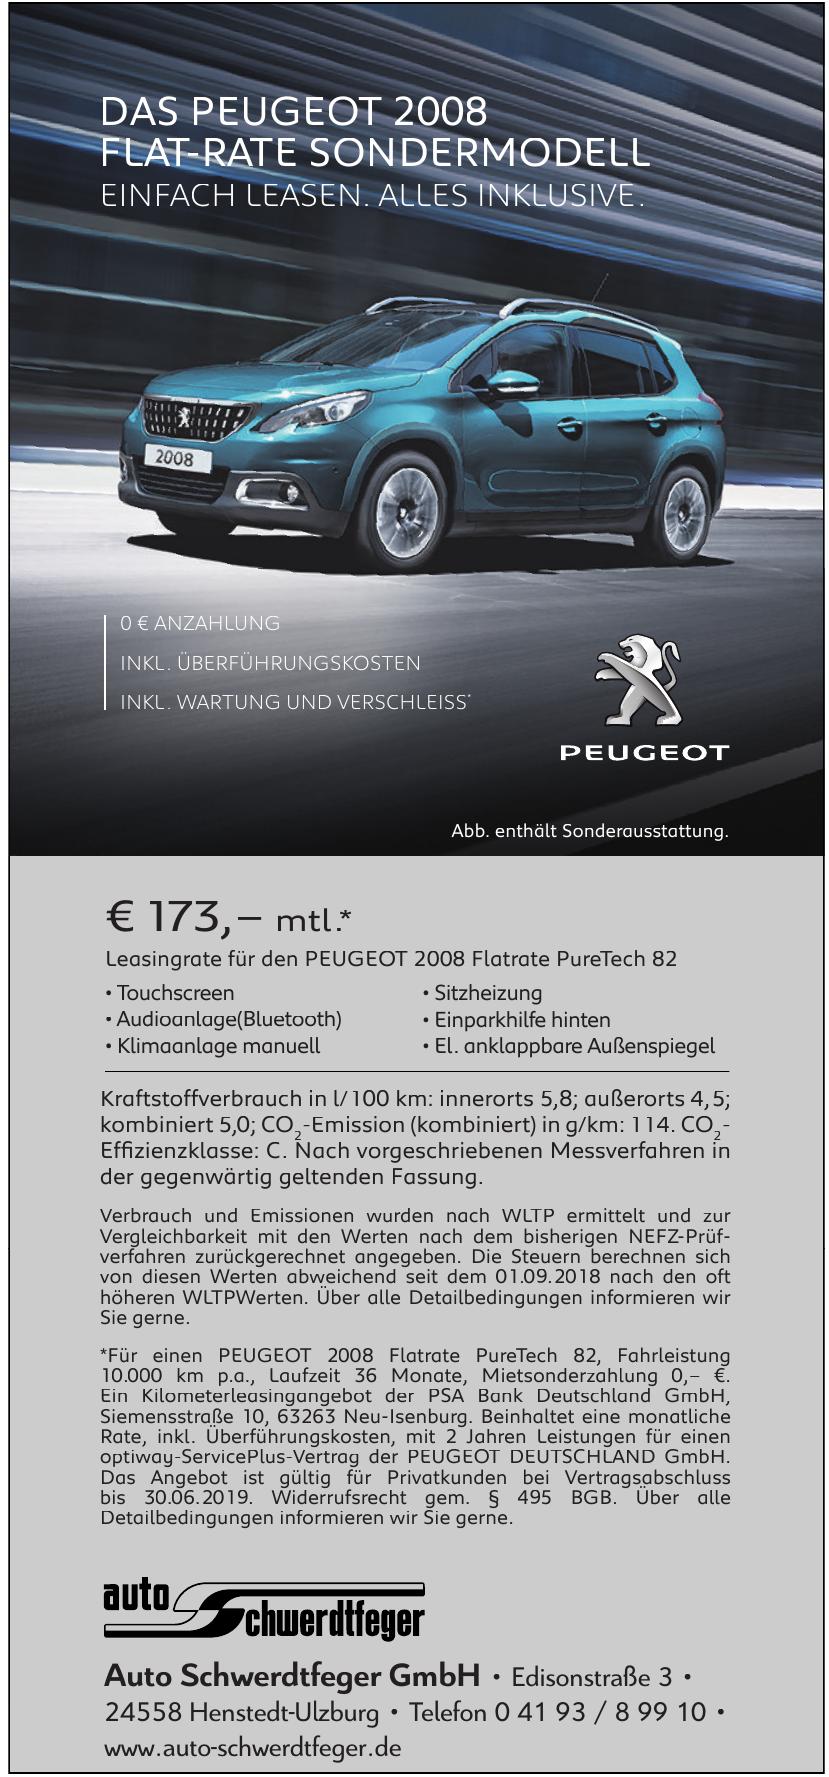 Auto Schwerdtfeger GmbH